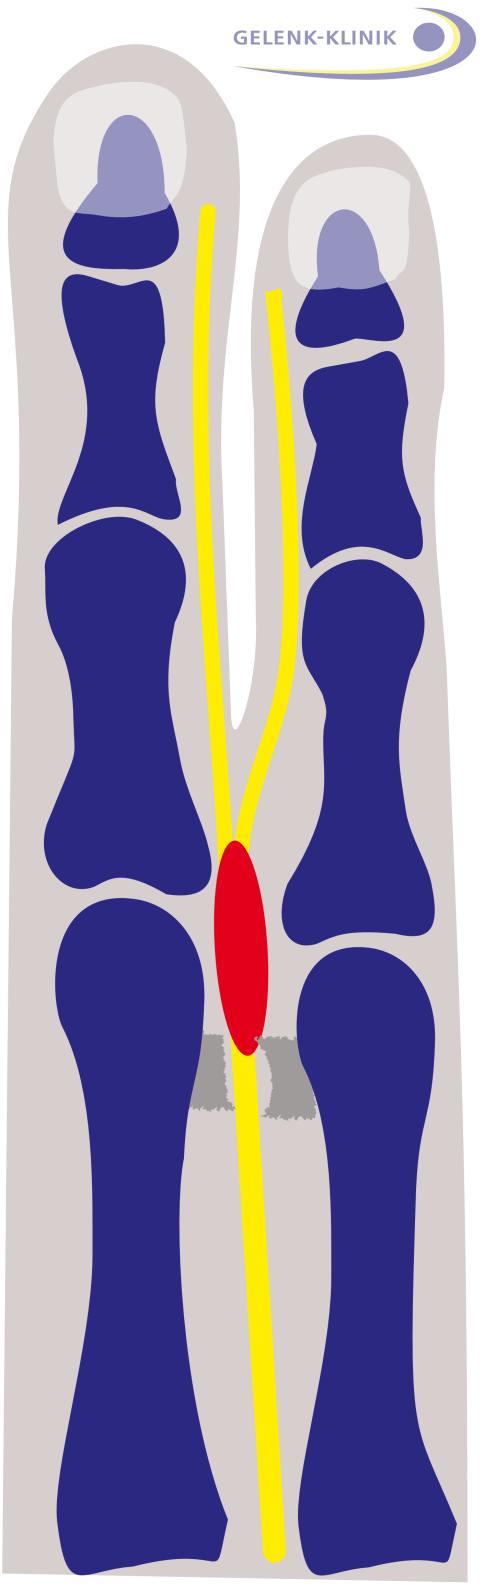 Morton Neurom: Mittelfuß-Schmerzen ohne Nervenamputation behandeln ...